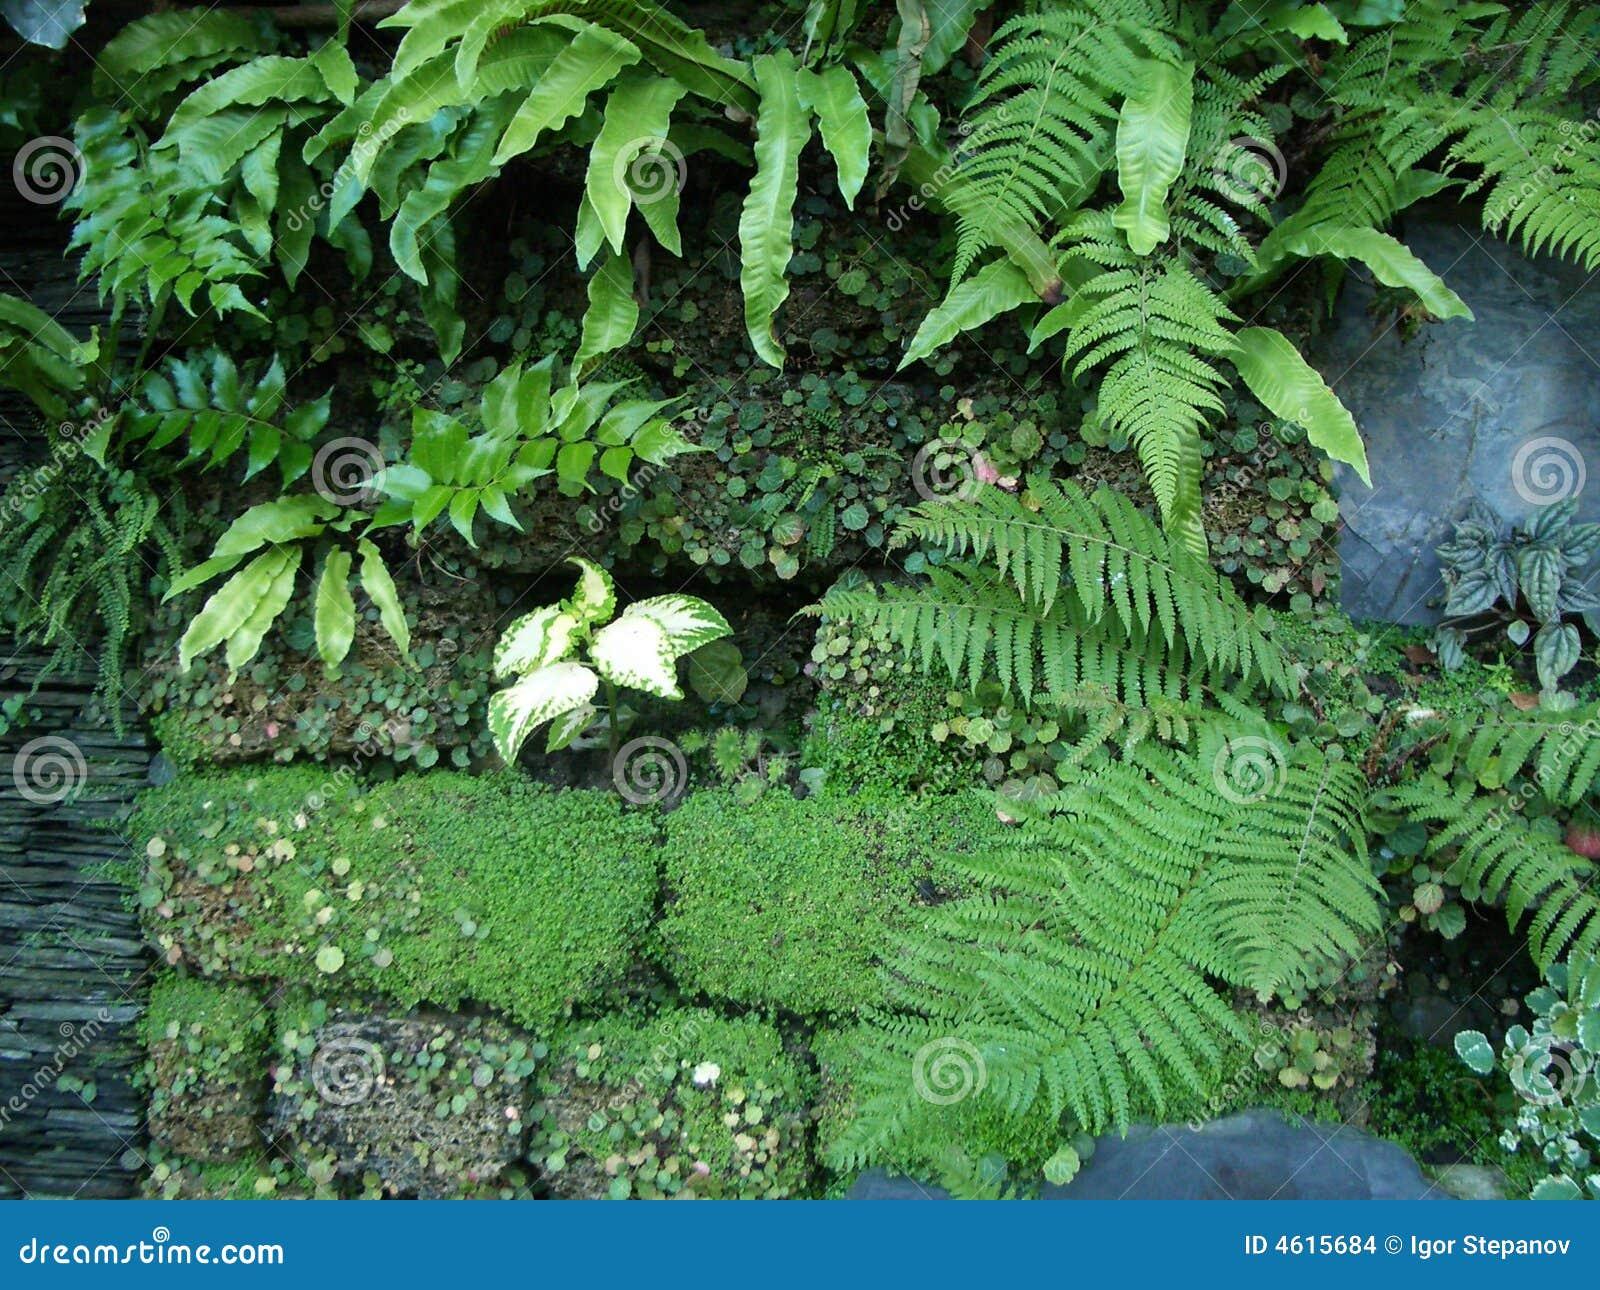 wandgarten von sochi stockbilder bild 4615684. Black Bedroom Furniture Sets. Home Design Ideas